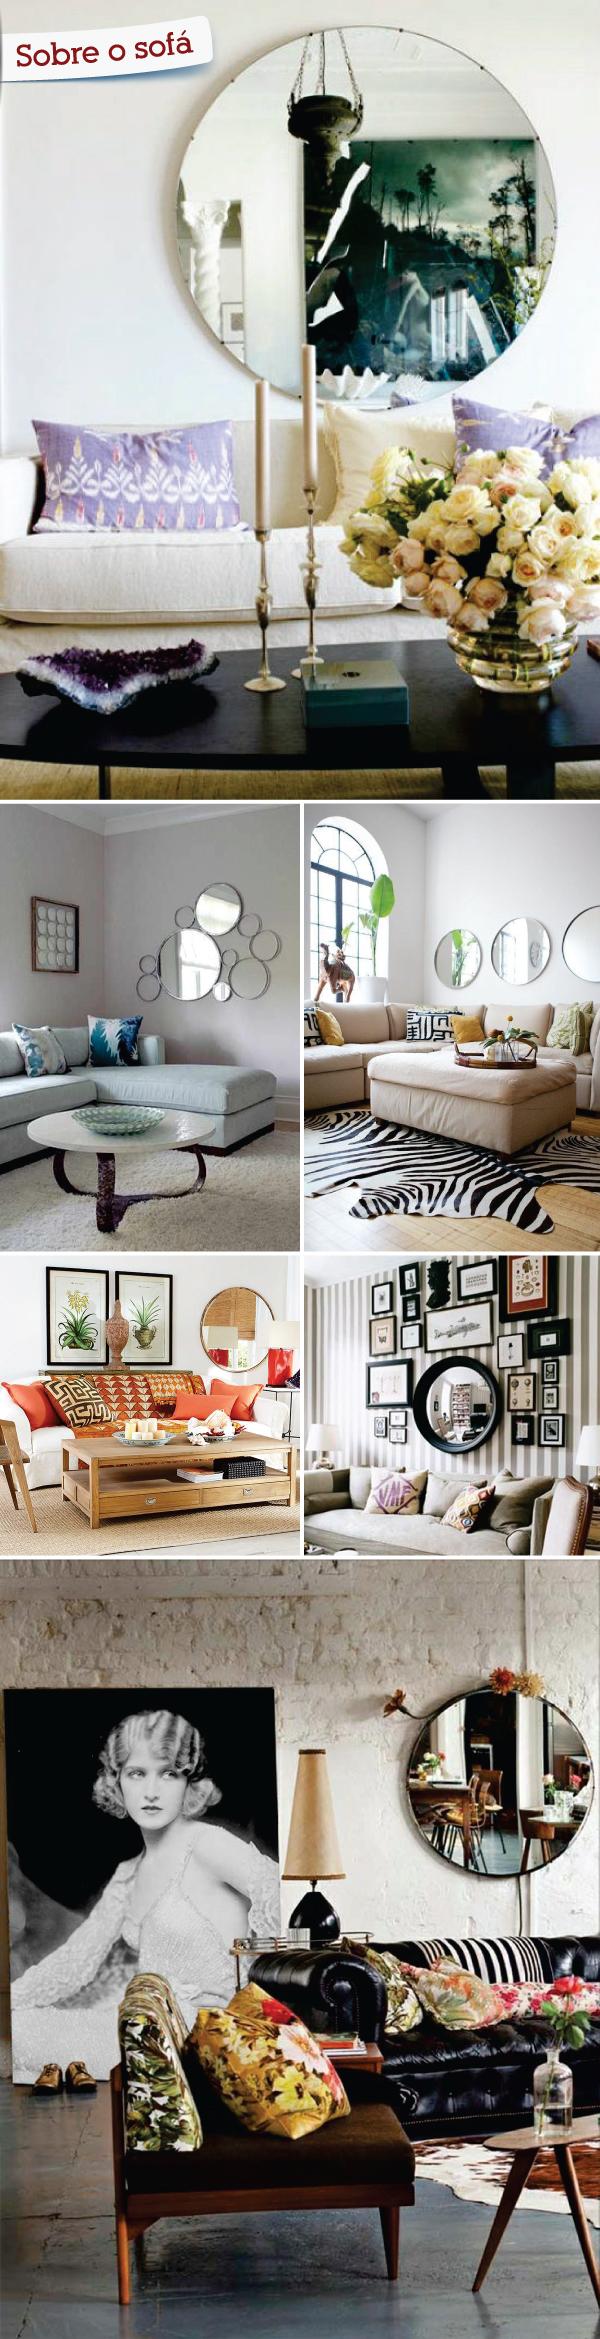 _03_espelho_redondo_sobre_o_sofa